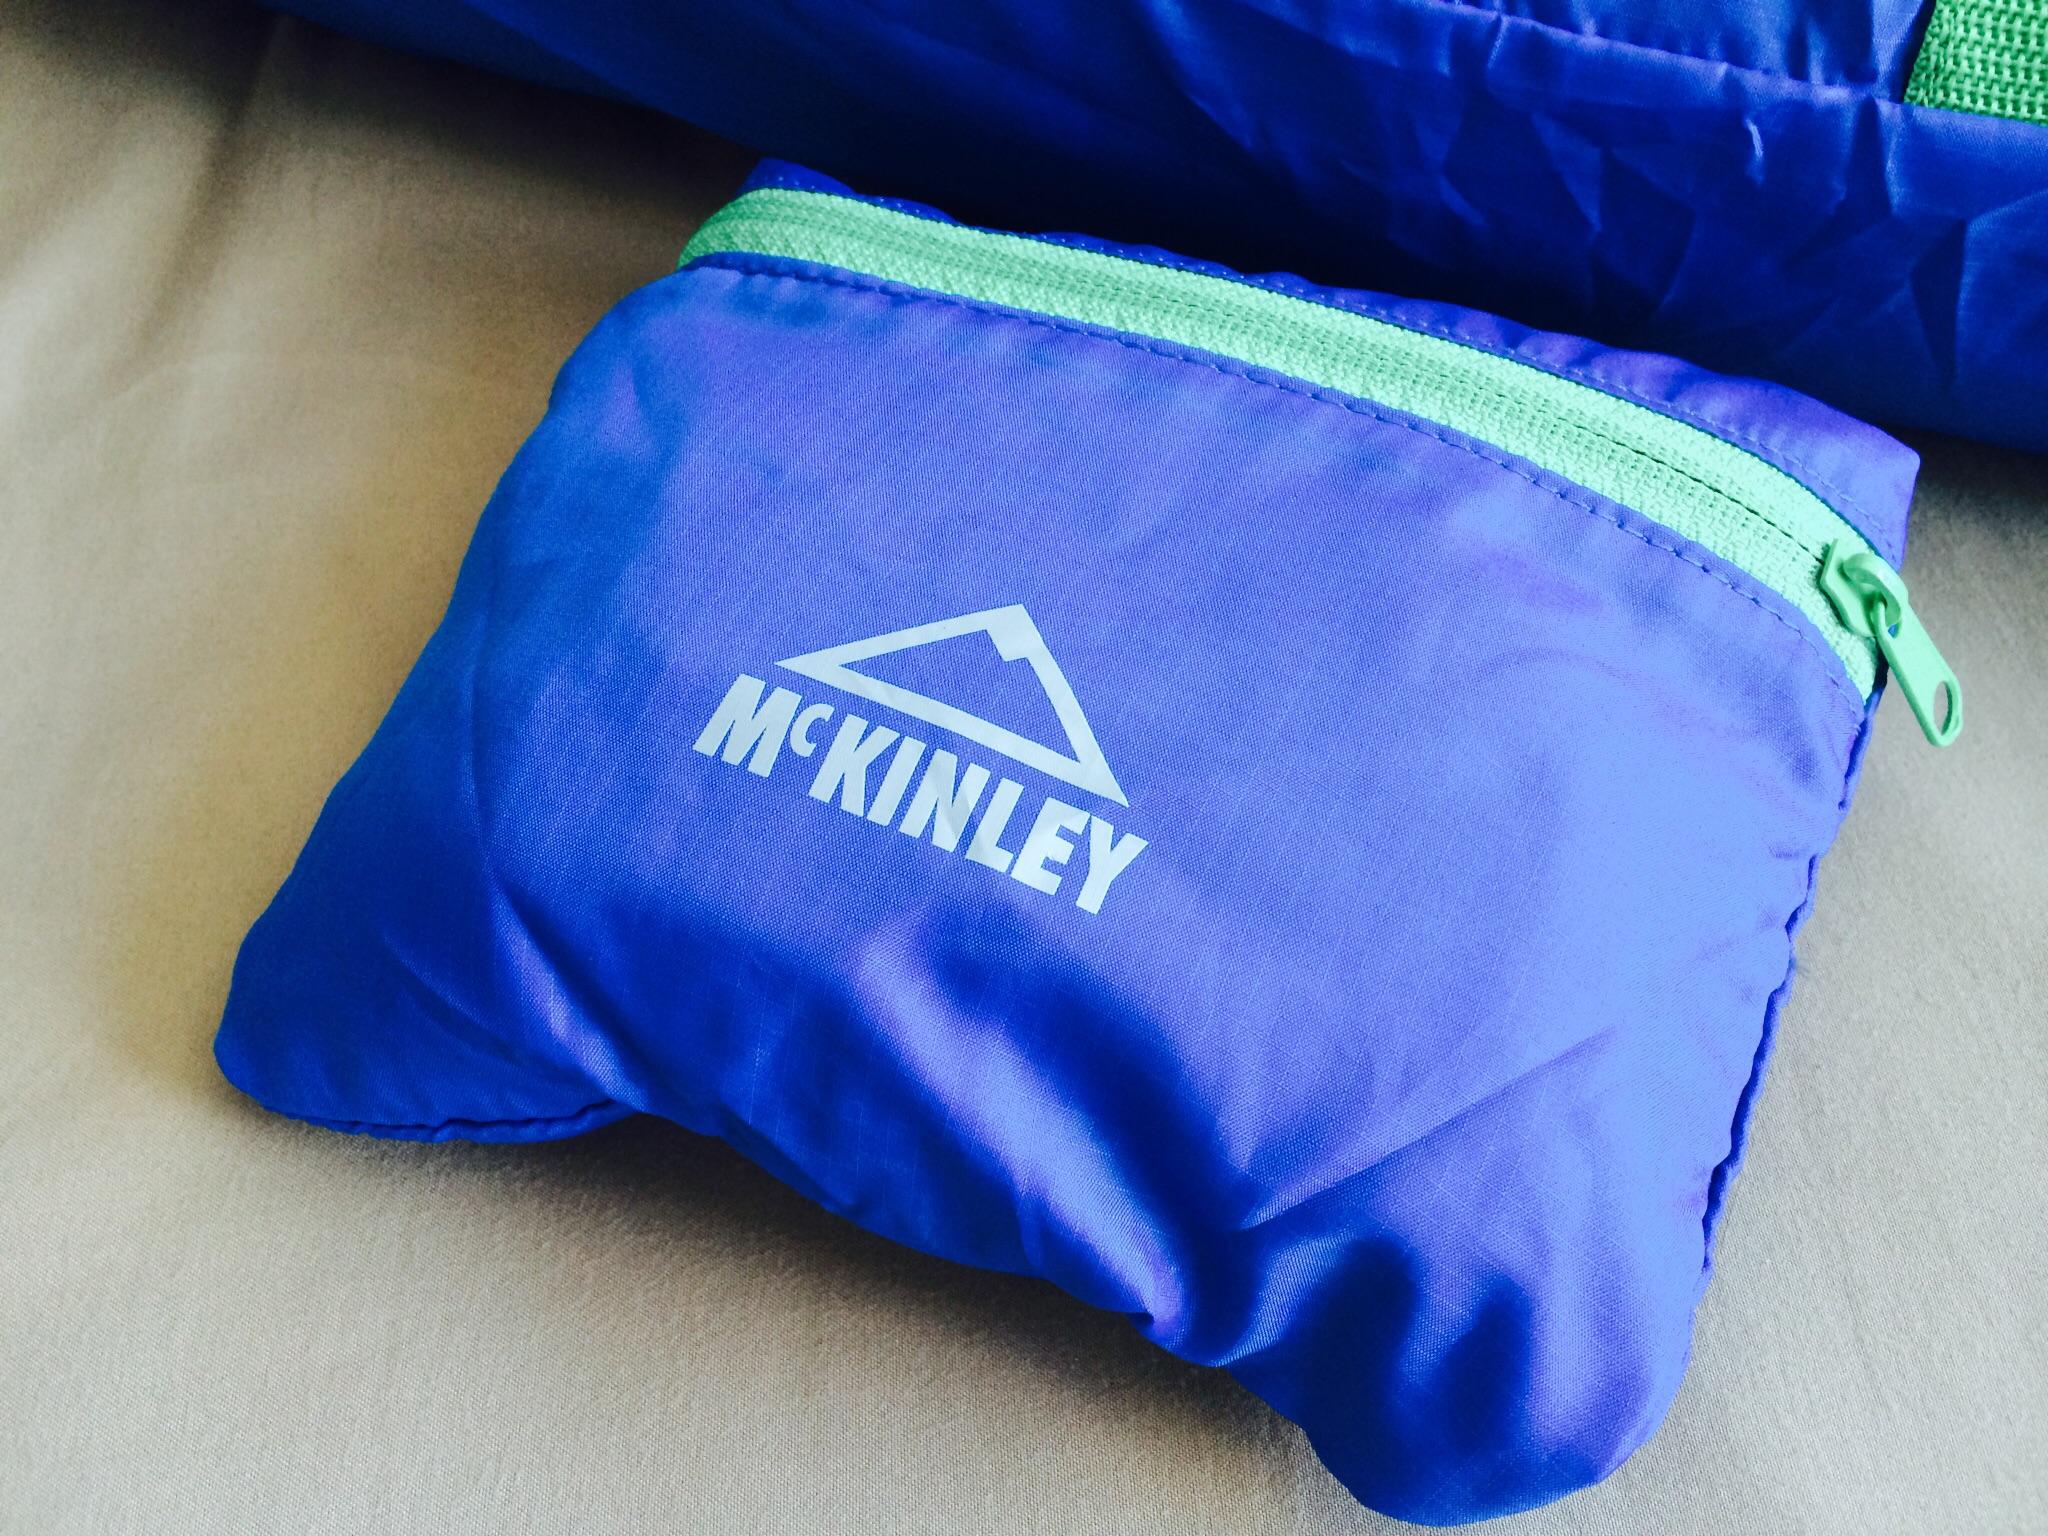 McKinley - Sport Packaway Duffle สีฟ้าเข้ม/สายสีเขียว